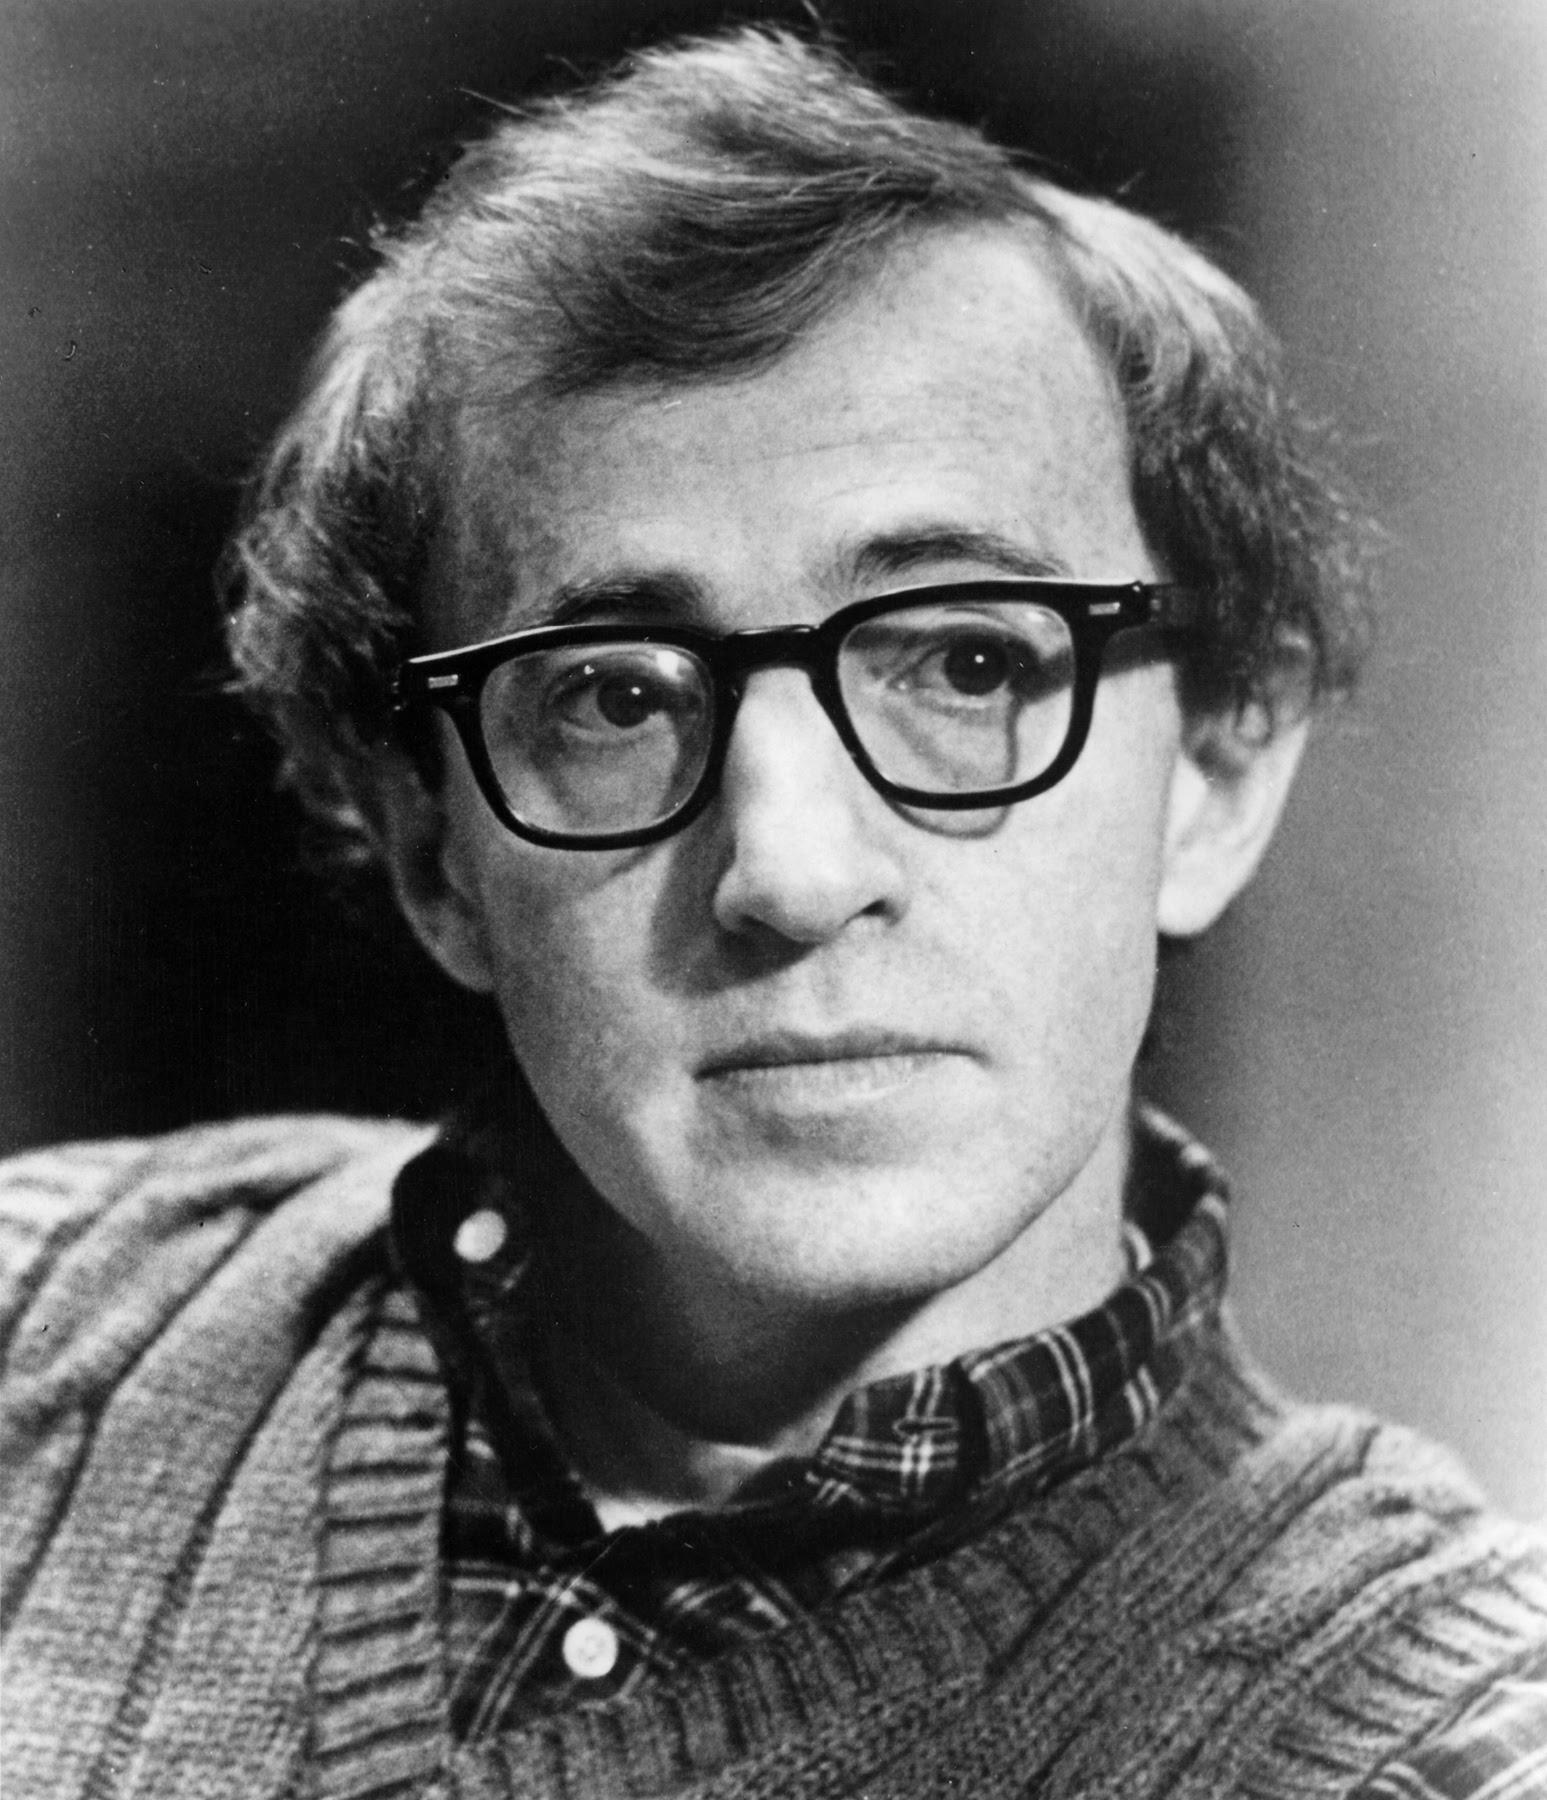 Allen Woody